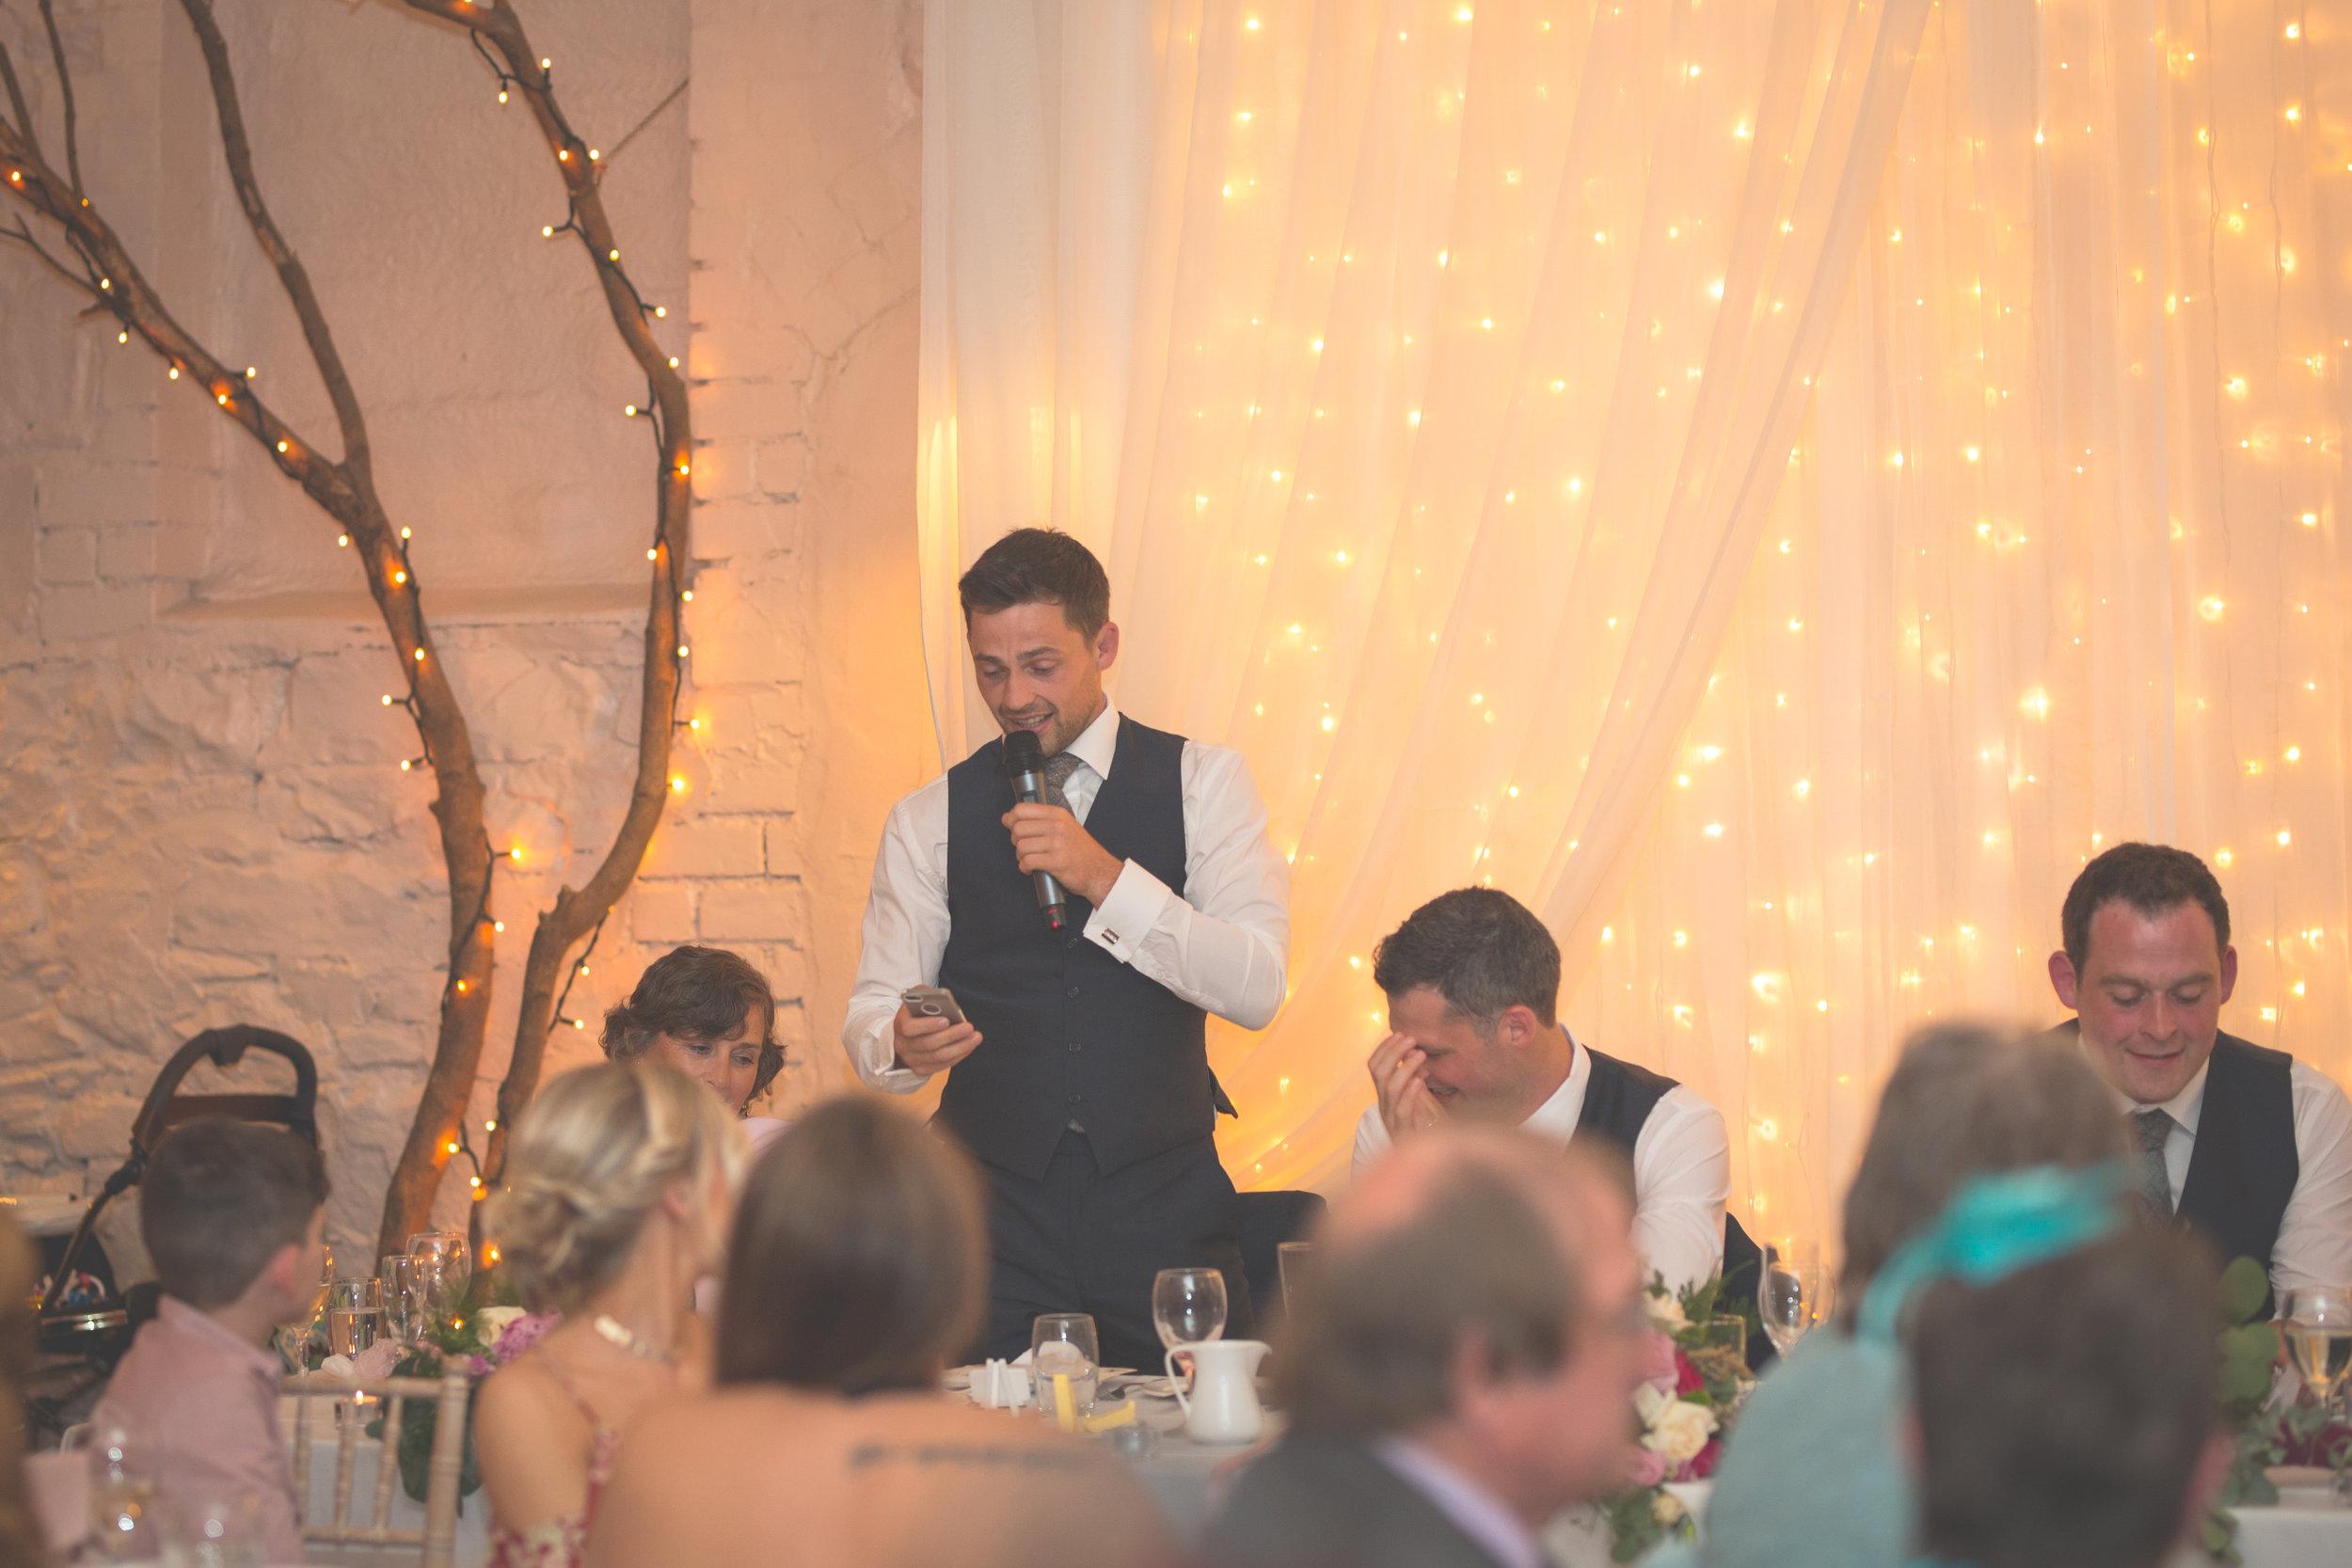 Brian McEwan Wedding Photography | Carol-Anne & Sean | The Speeches-112.jpg